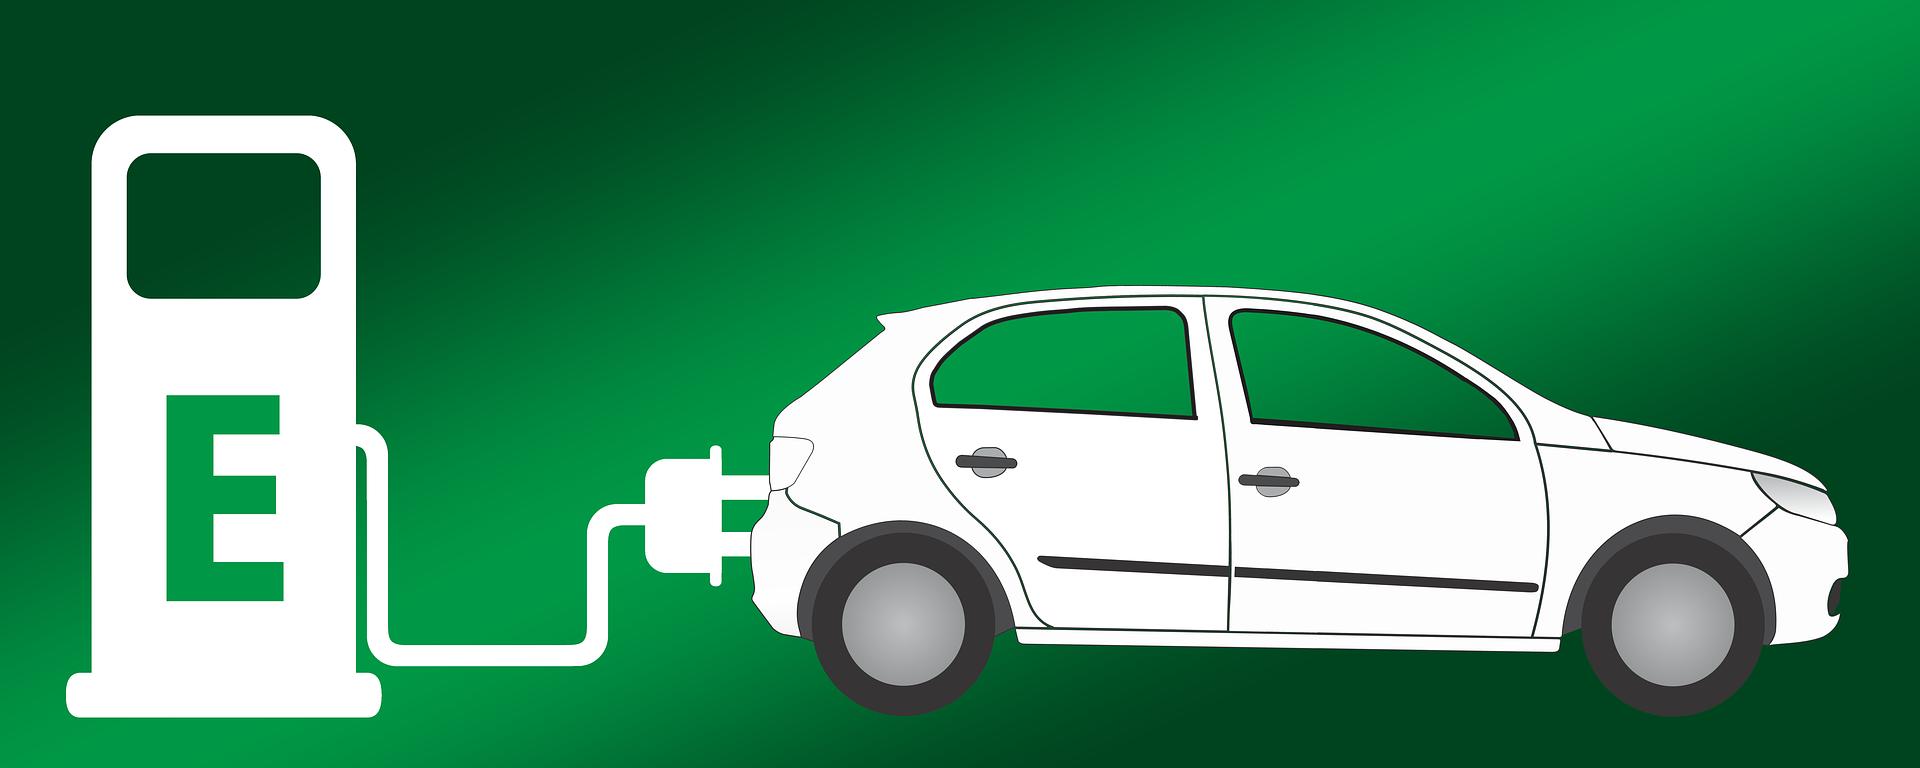 Persbericht: Akkoord bereikt over EU regels openbare aanbesteding schone voertuigen